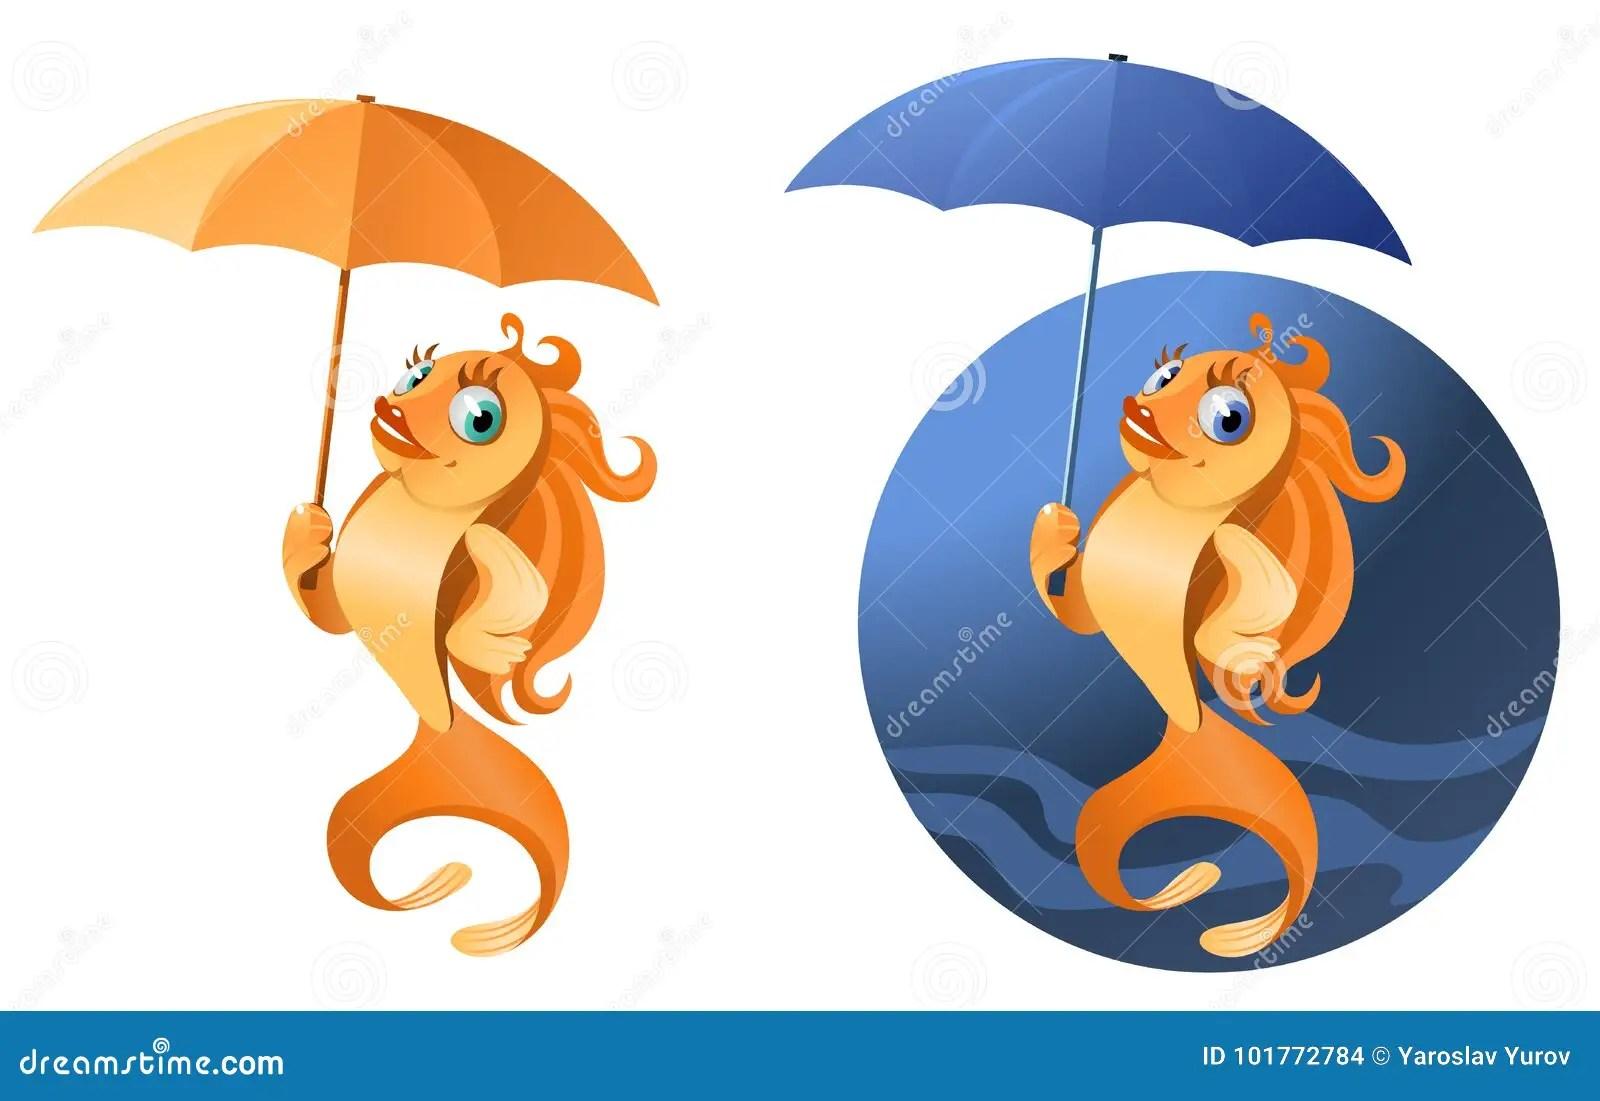 Regen Spruche Lebensweisheiten Und Spruche